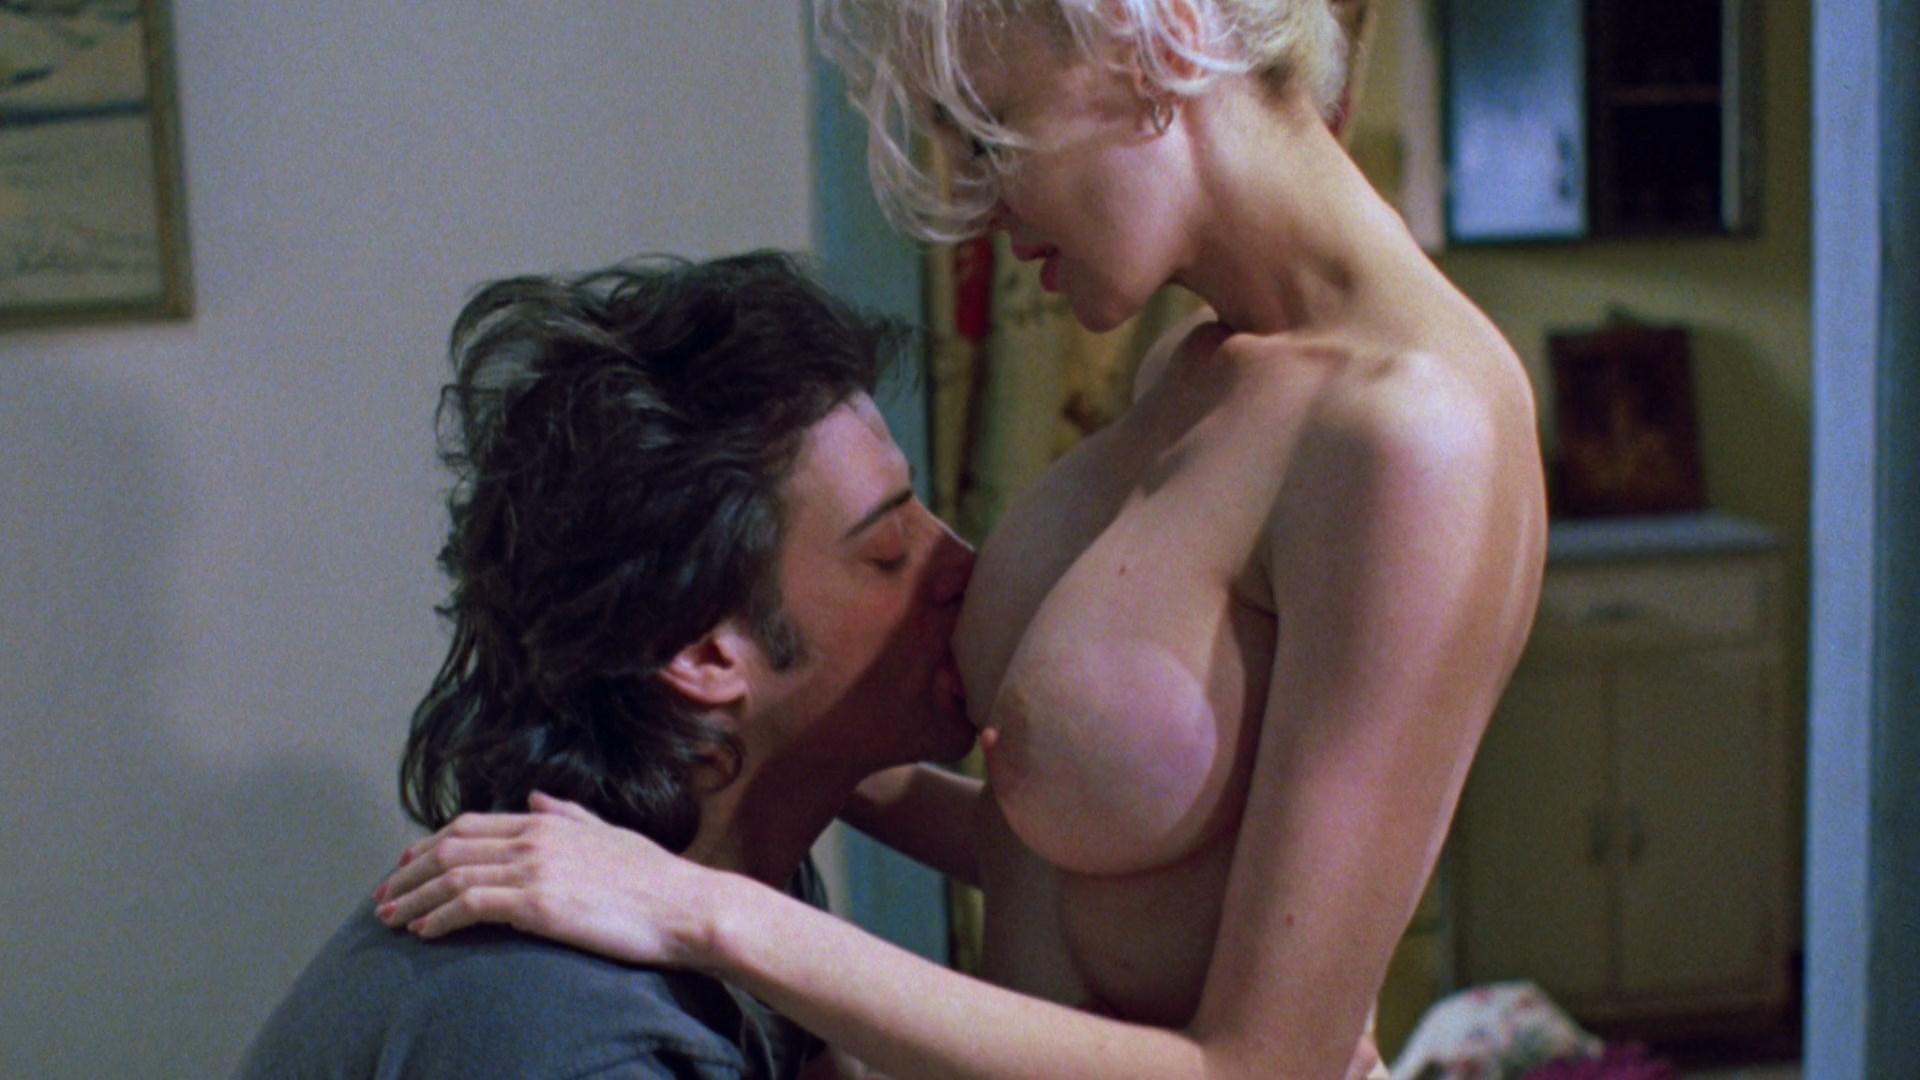 Nude Hot Lesbian Metacafe Sex Scene